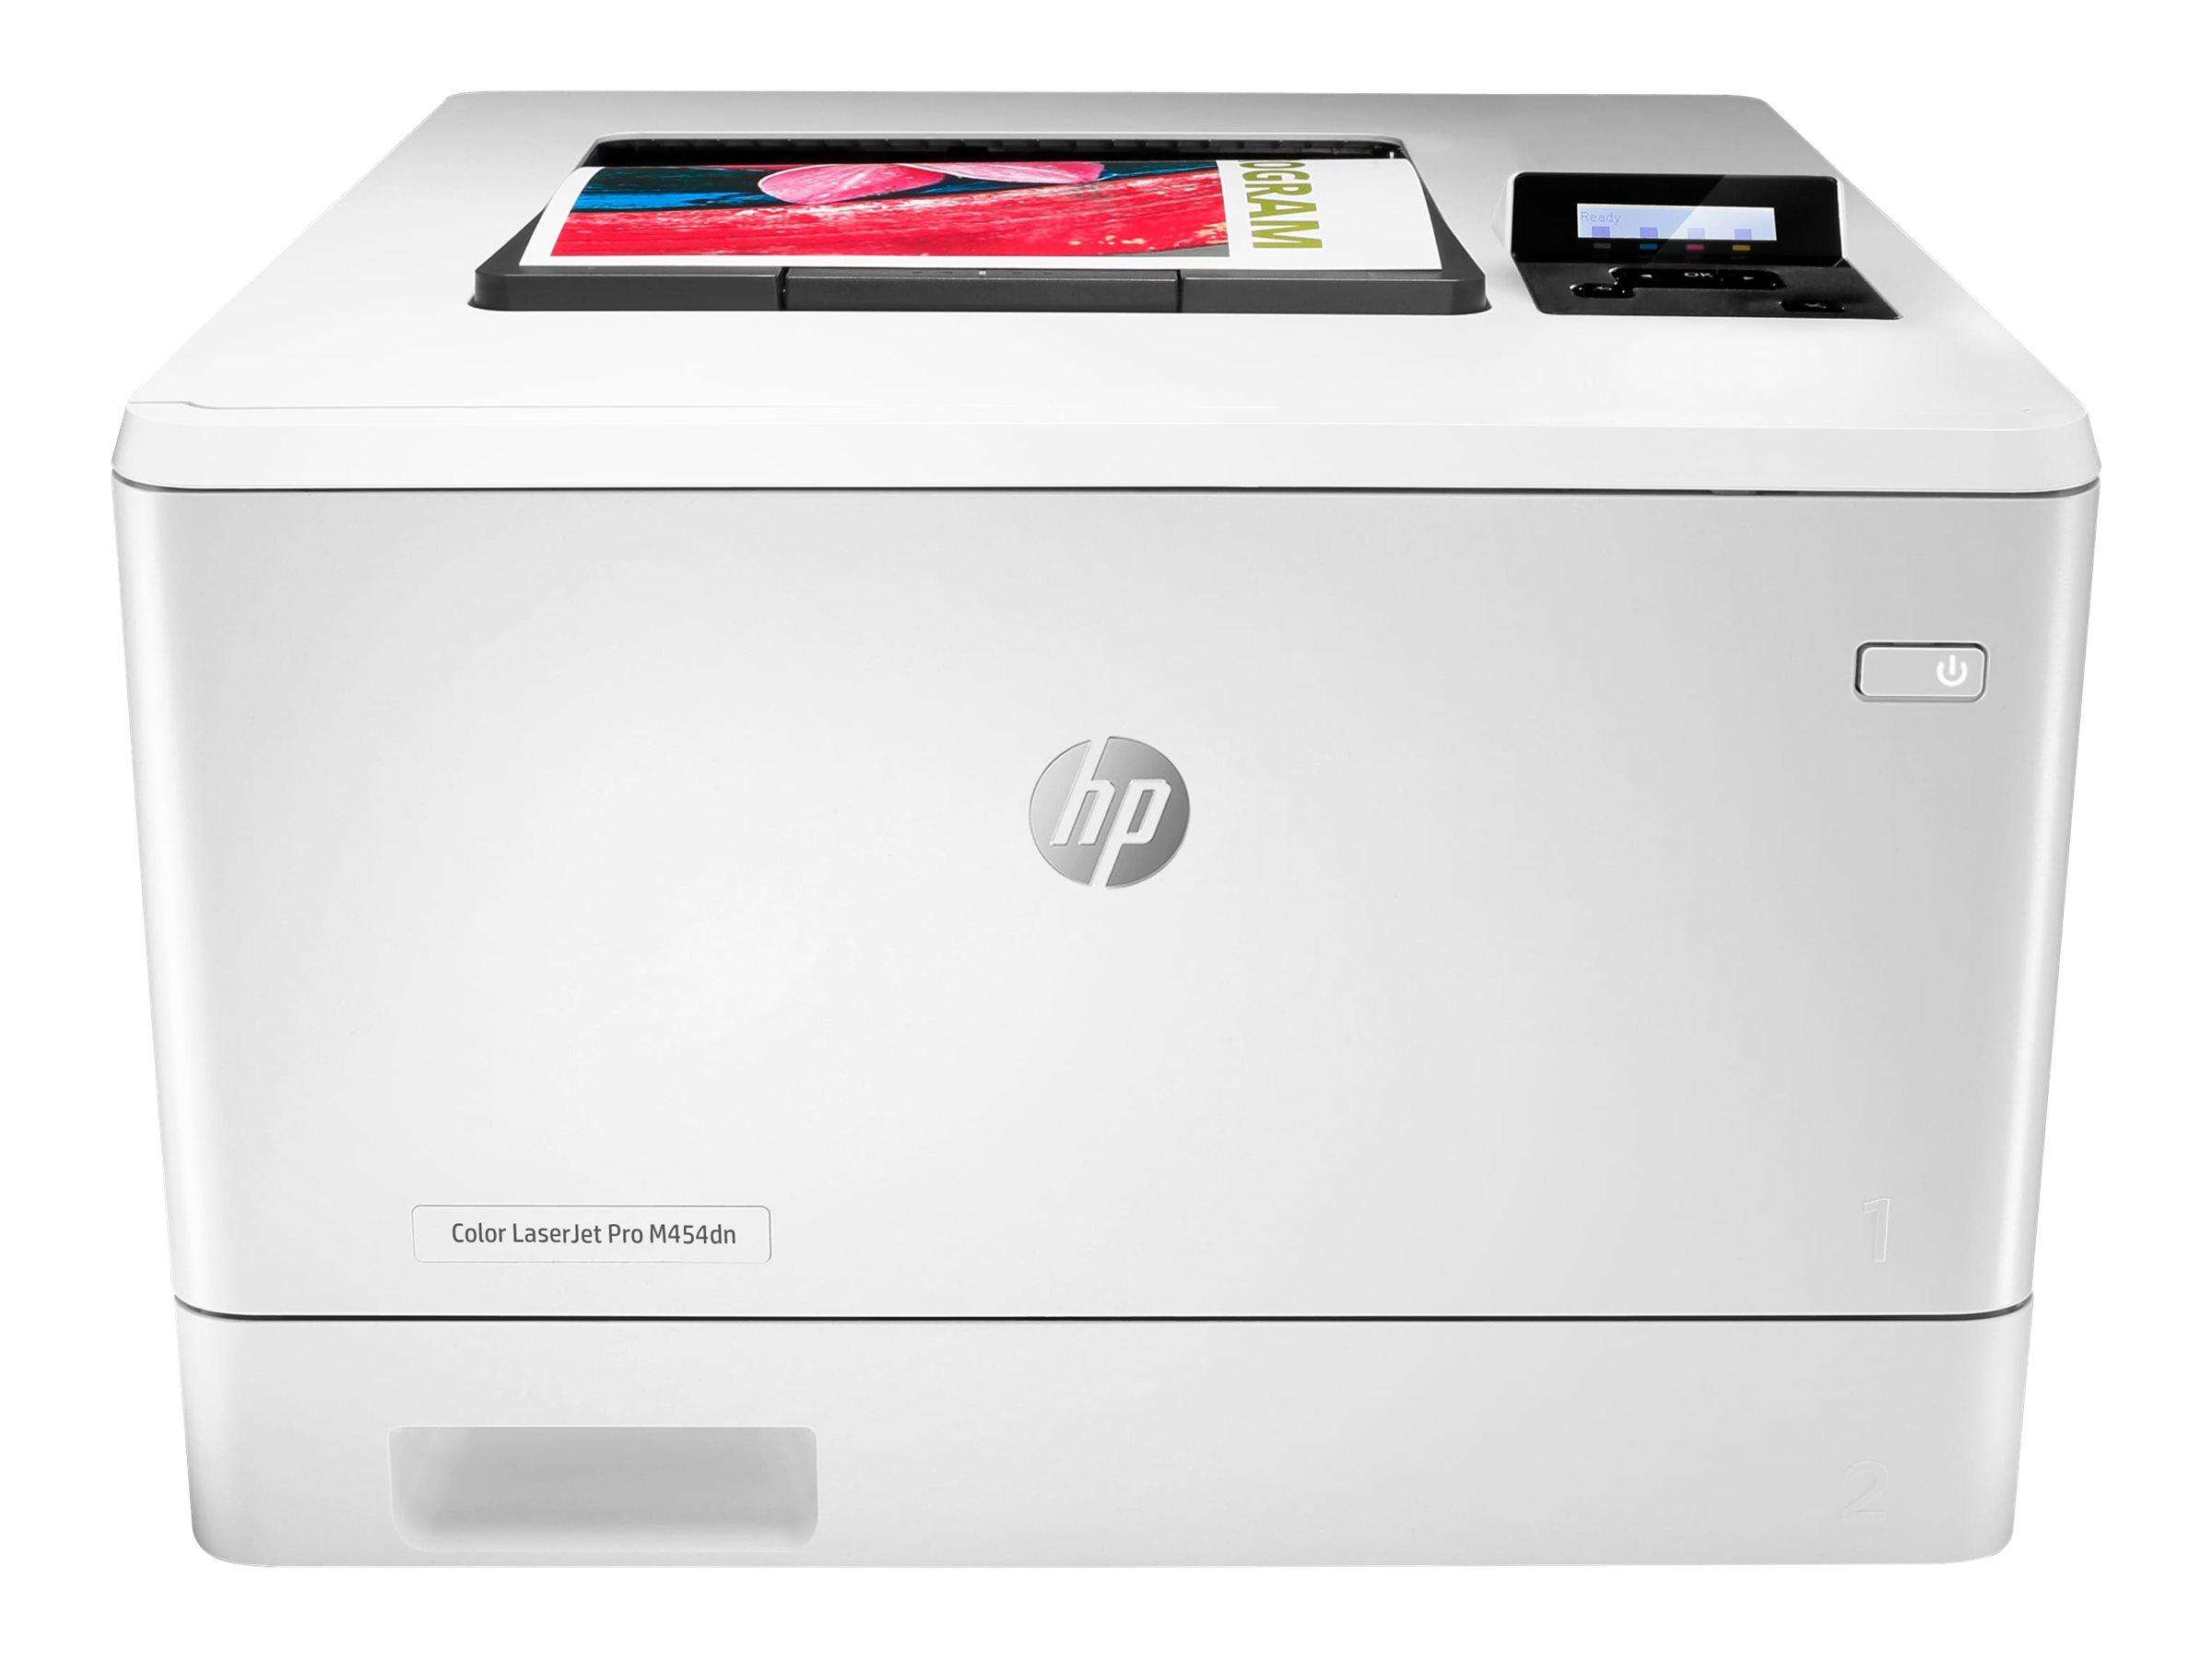 HP Color LaserJet Pro M454dn - Drucker - Farbe - Duplex - Laser - A4/Legal - 38.400 x 600 dpi - bis zu 27 Seiten/Min. (einfarbig)/